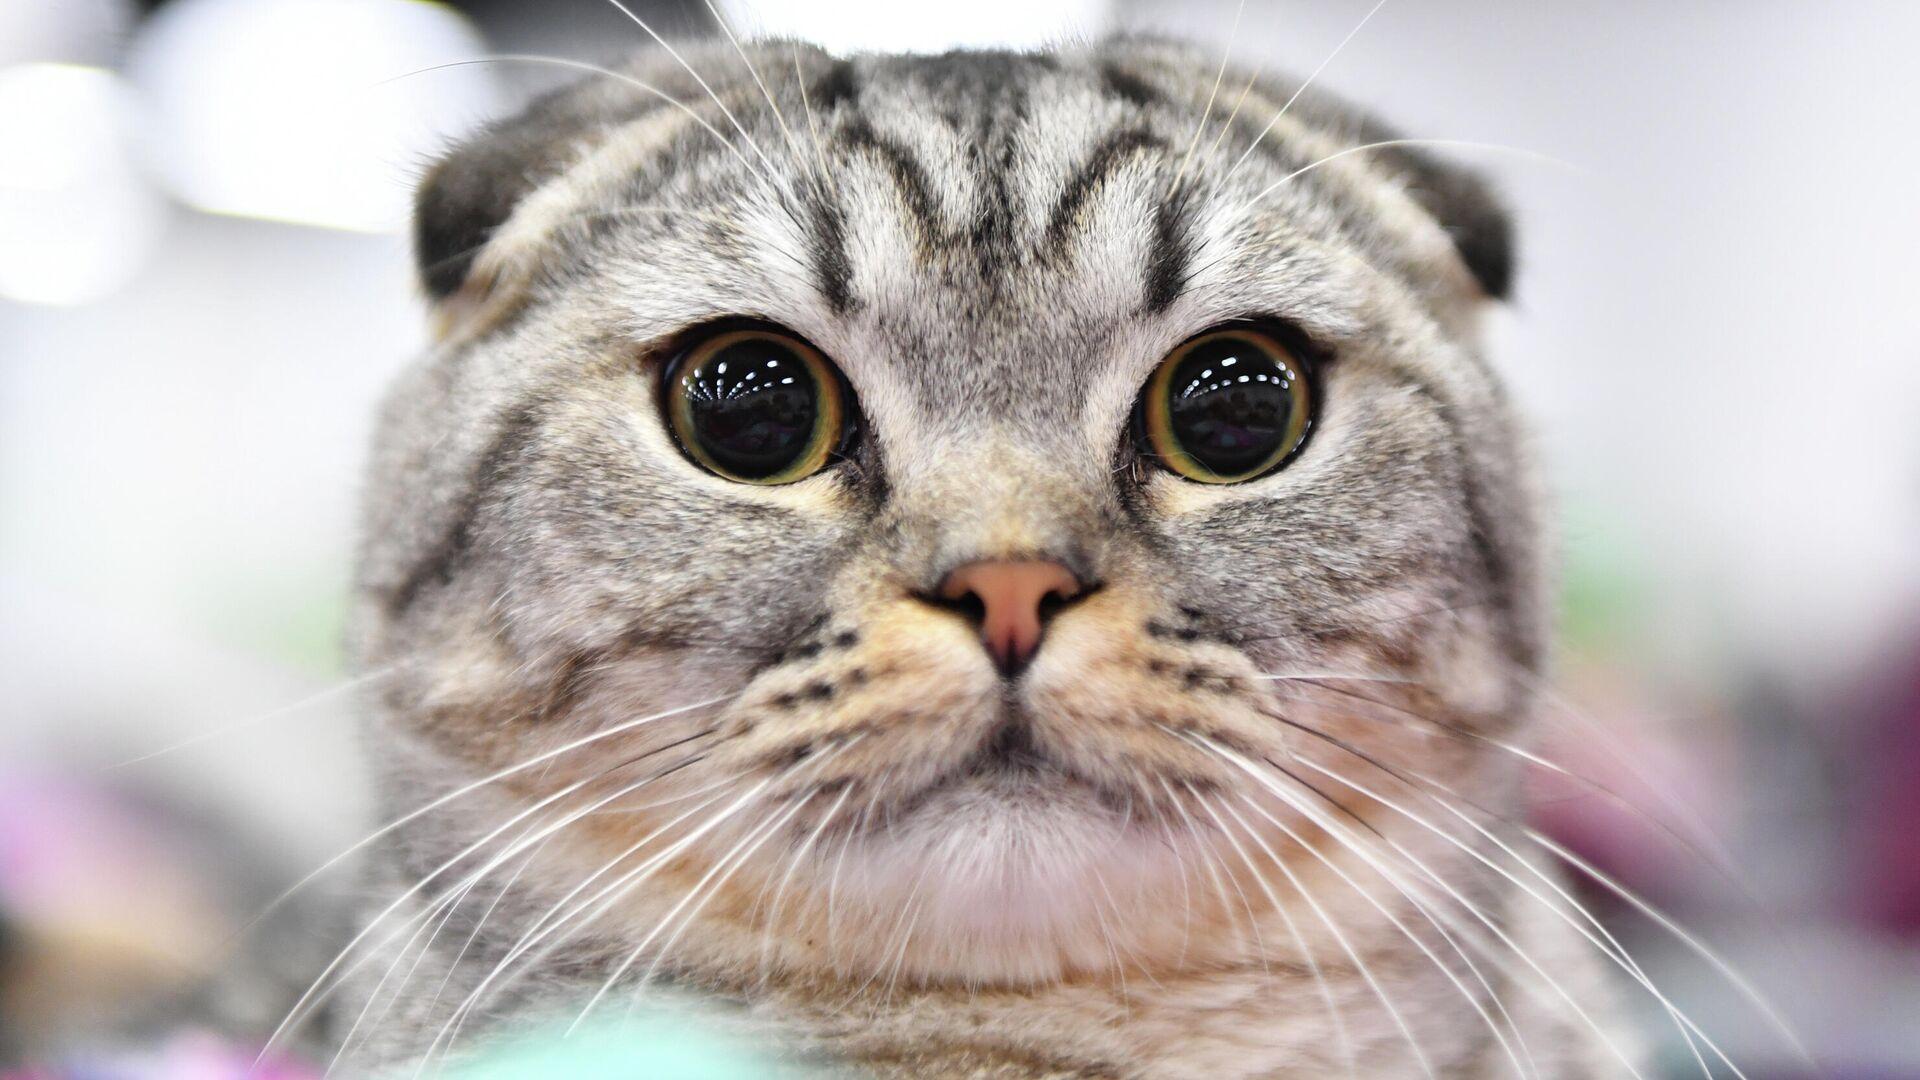 Un gatto di razza Scottish Fold - Sputnik Italia, 1920, 08.09.2021